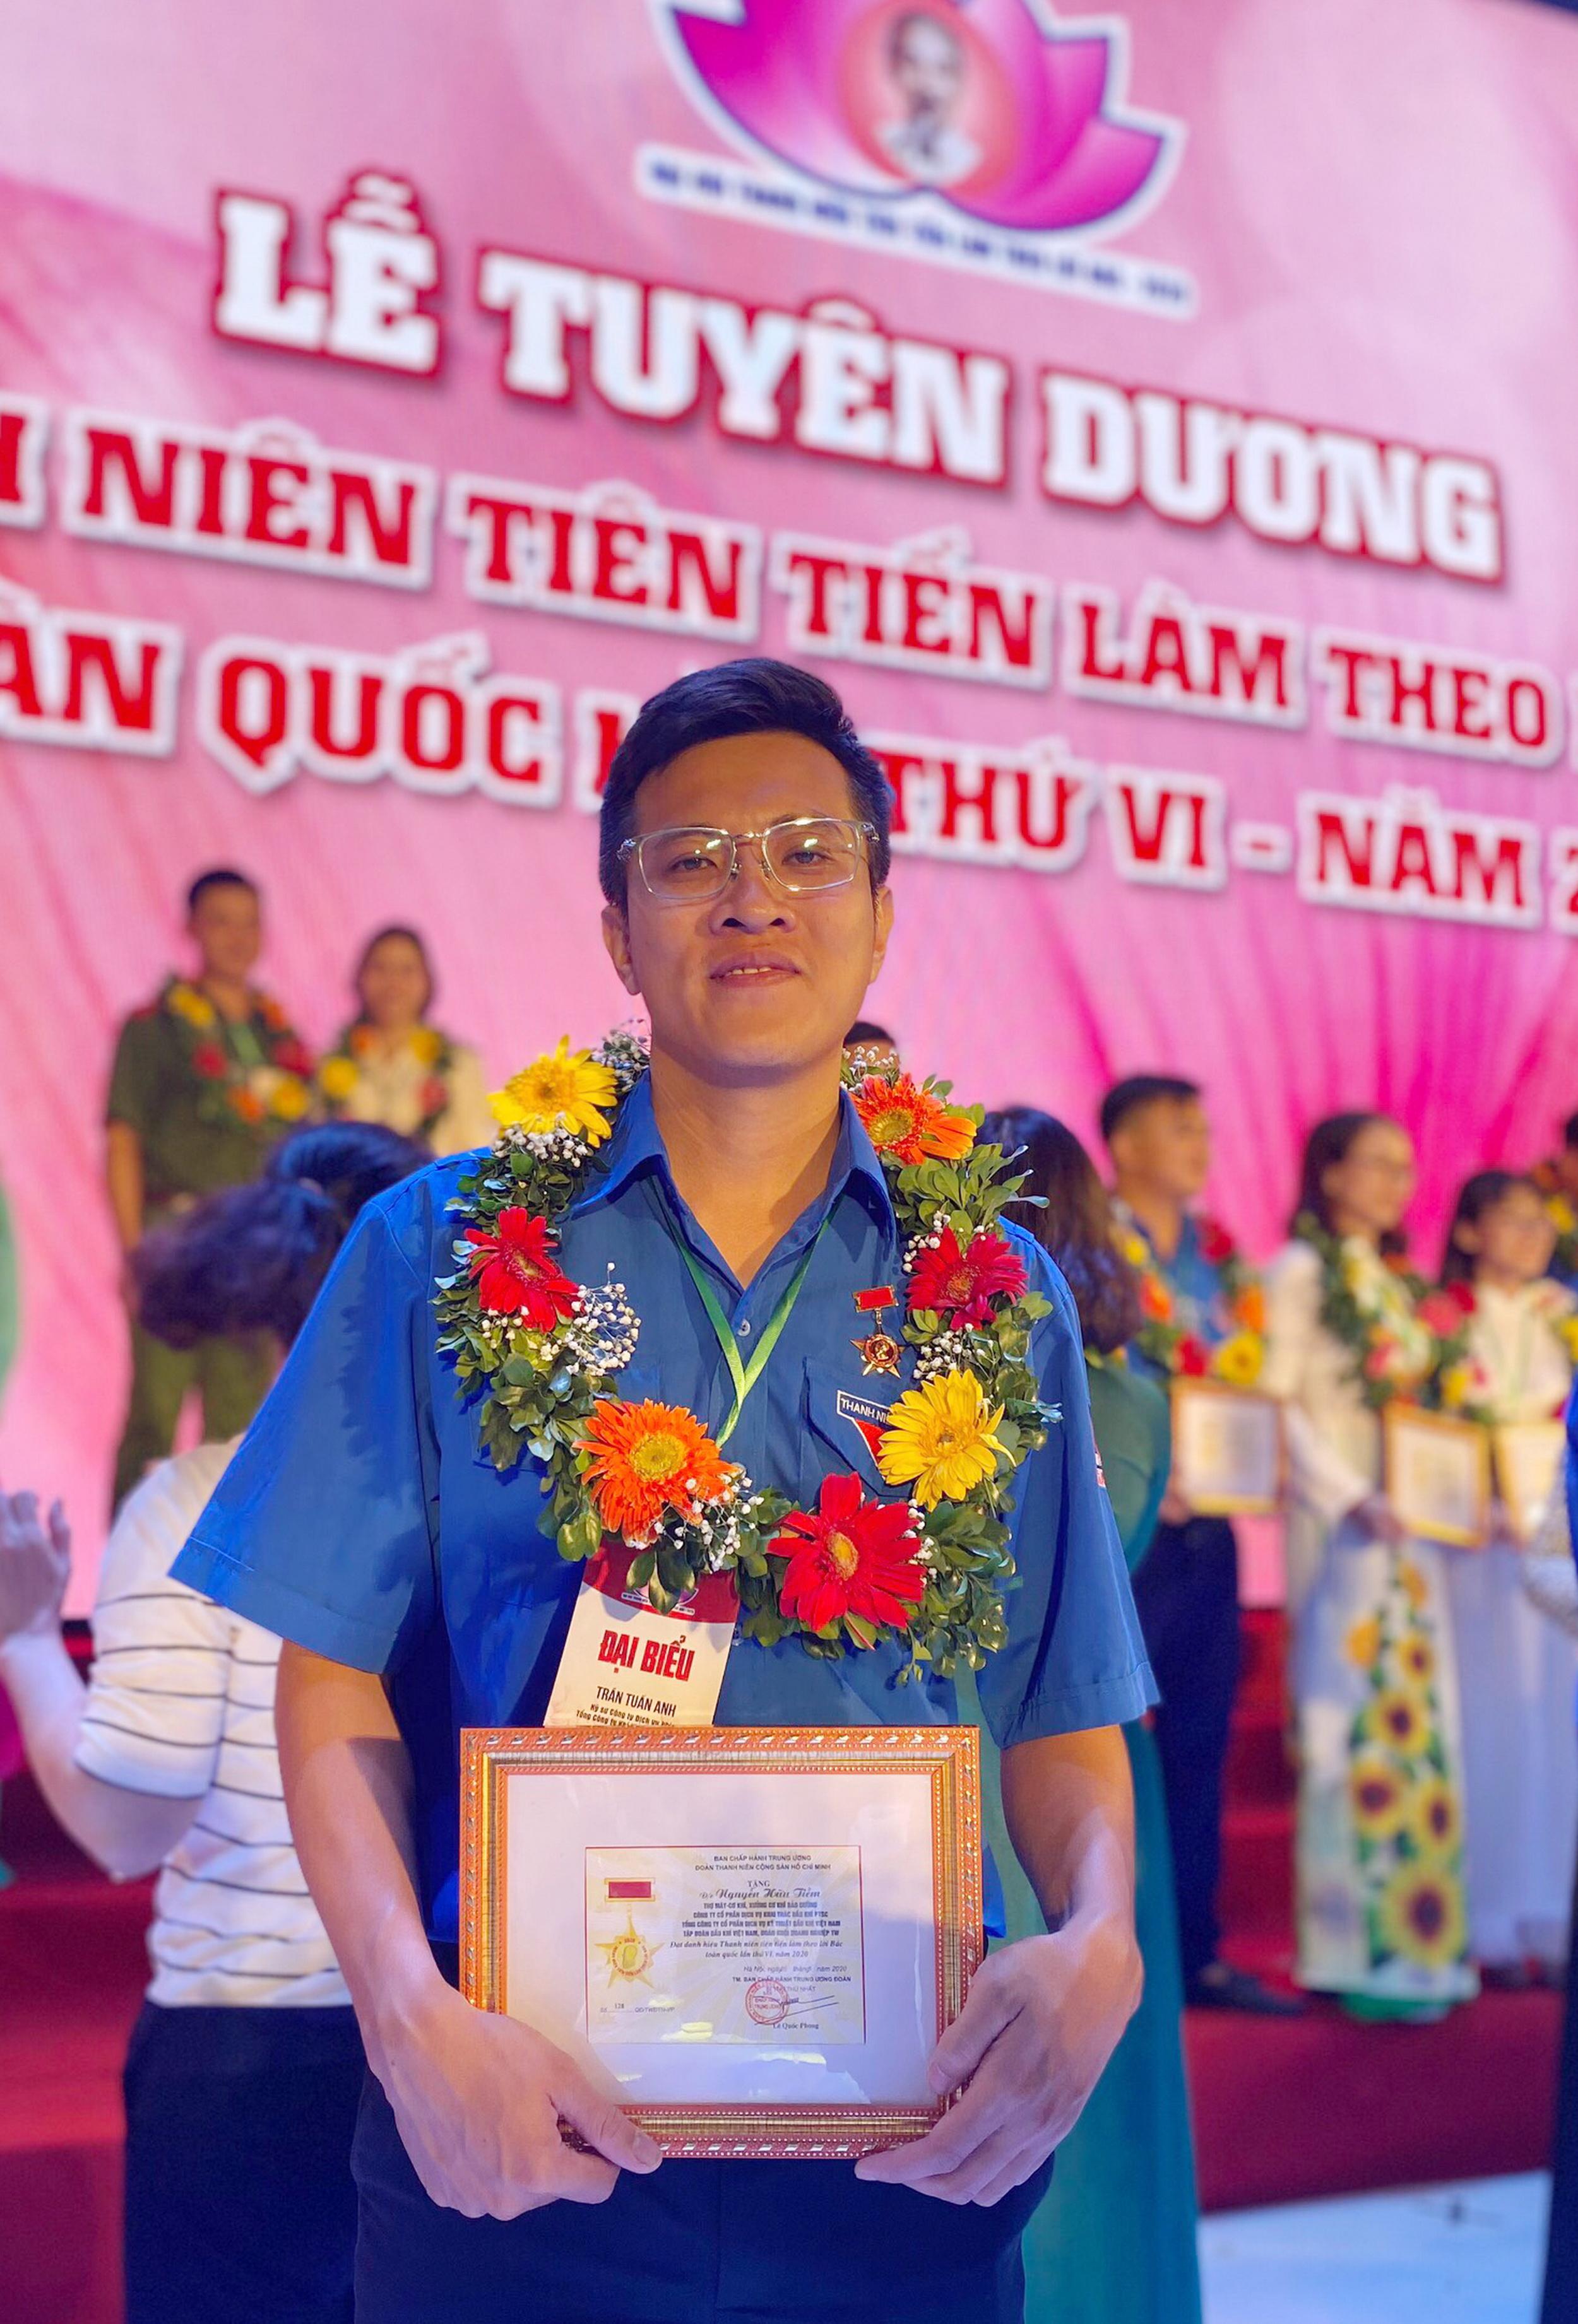 Kỹ sư Trần Tuấn Anh nhận danh hiệu tôn vinh